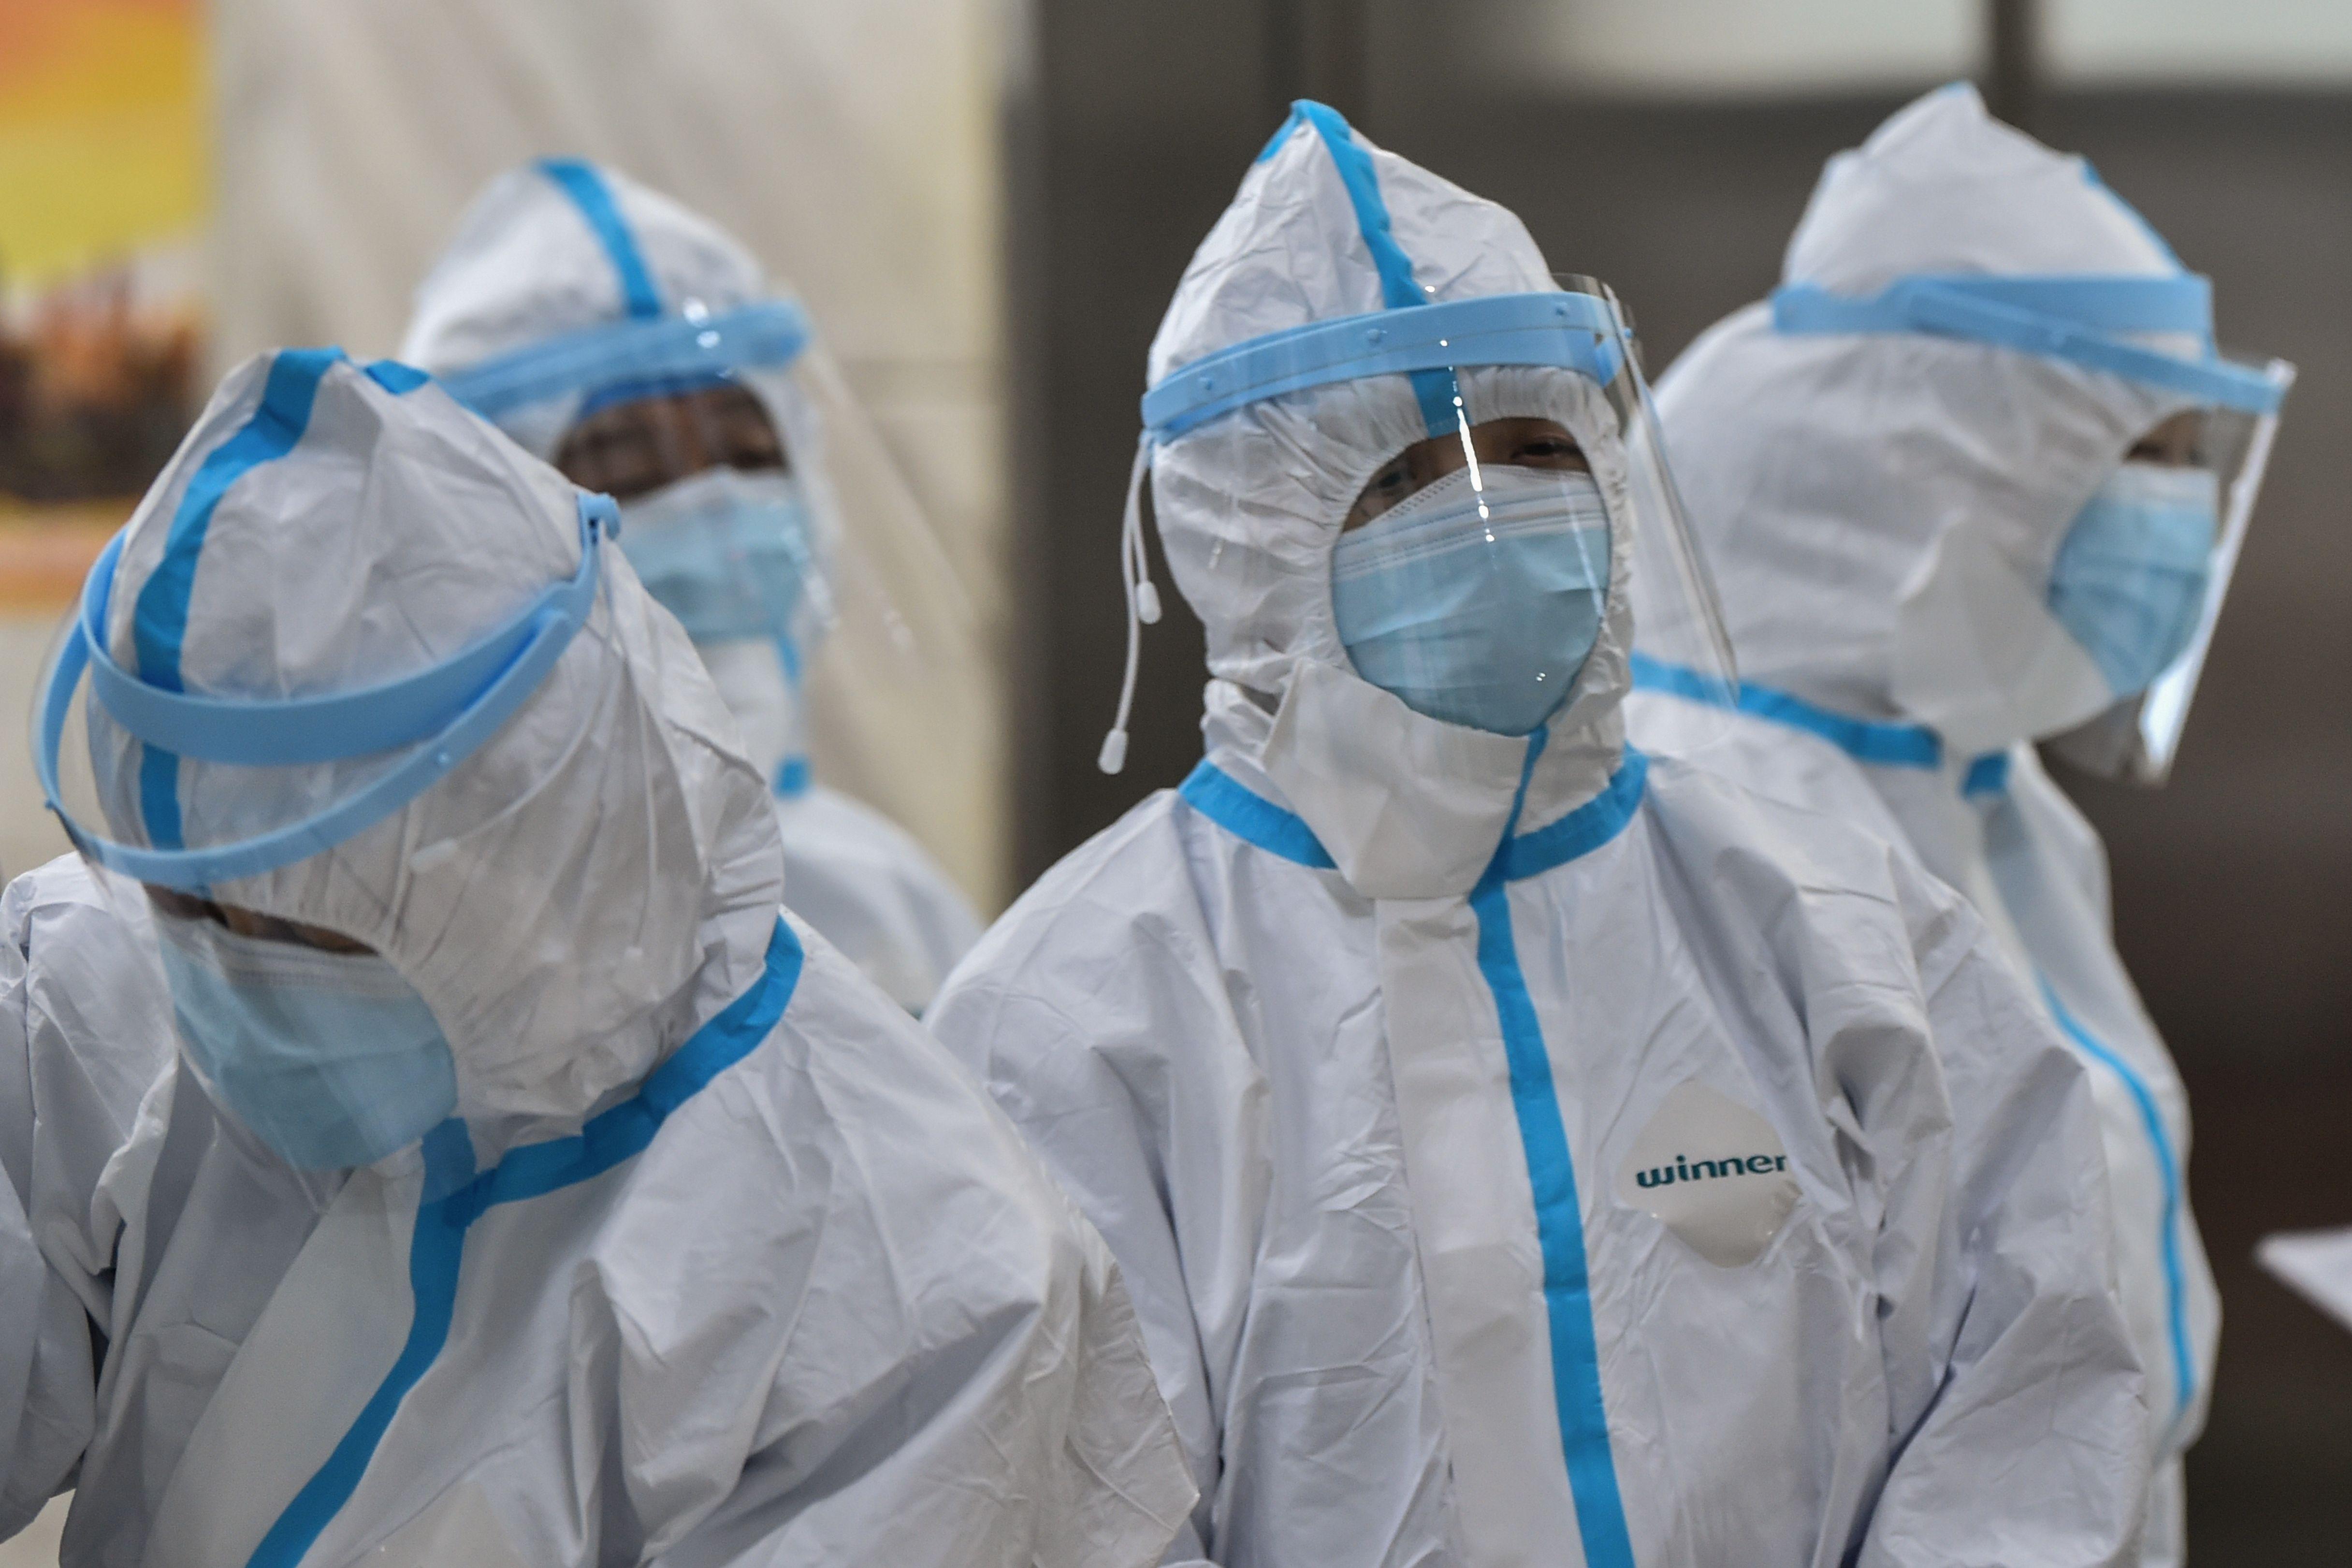 起訴中共瞞疫情貽害全球 多國群起索賠